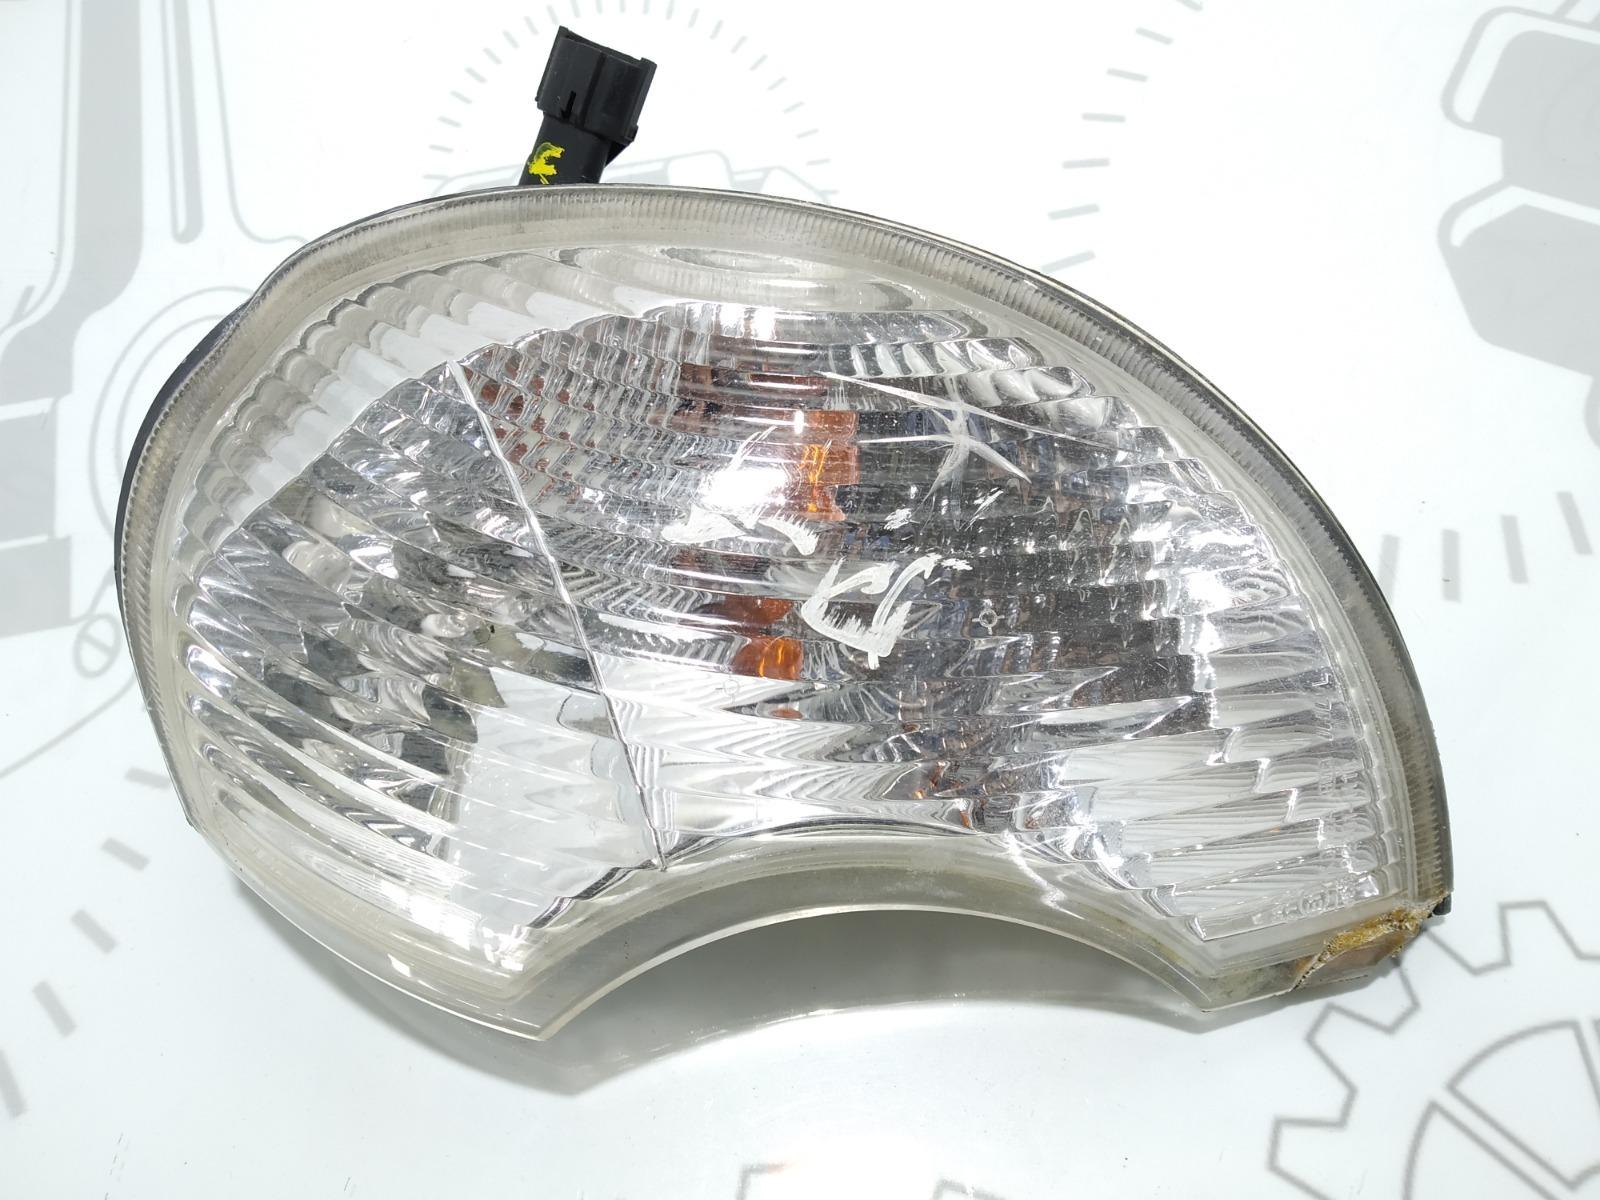 Поворотник левый Hyundai Terracan 2.9 CRTD 2003 (б/у)